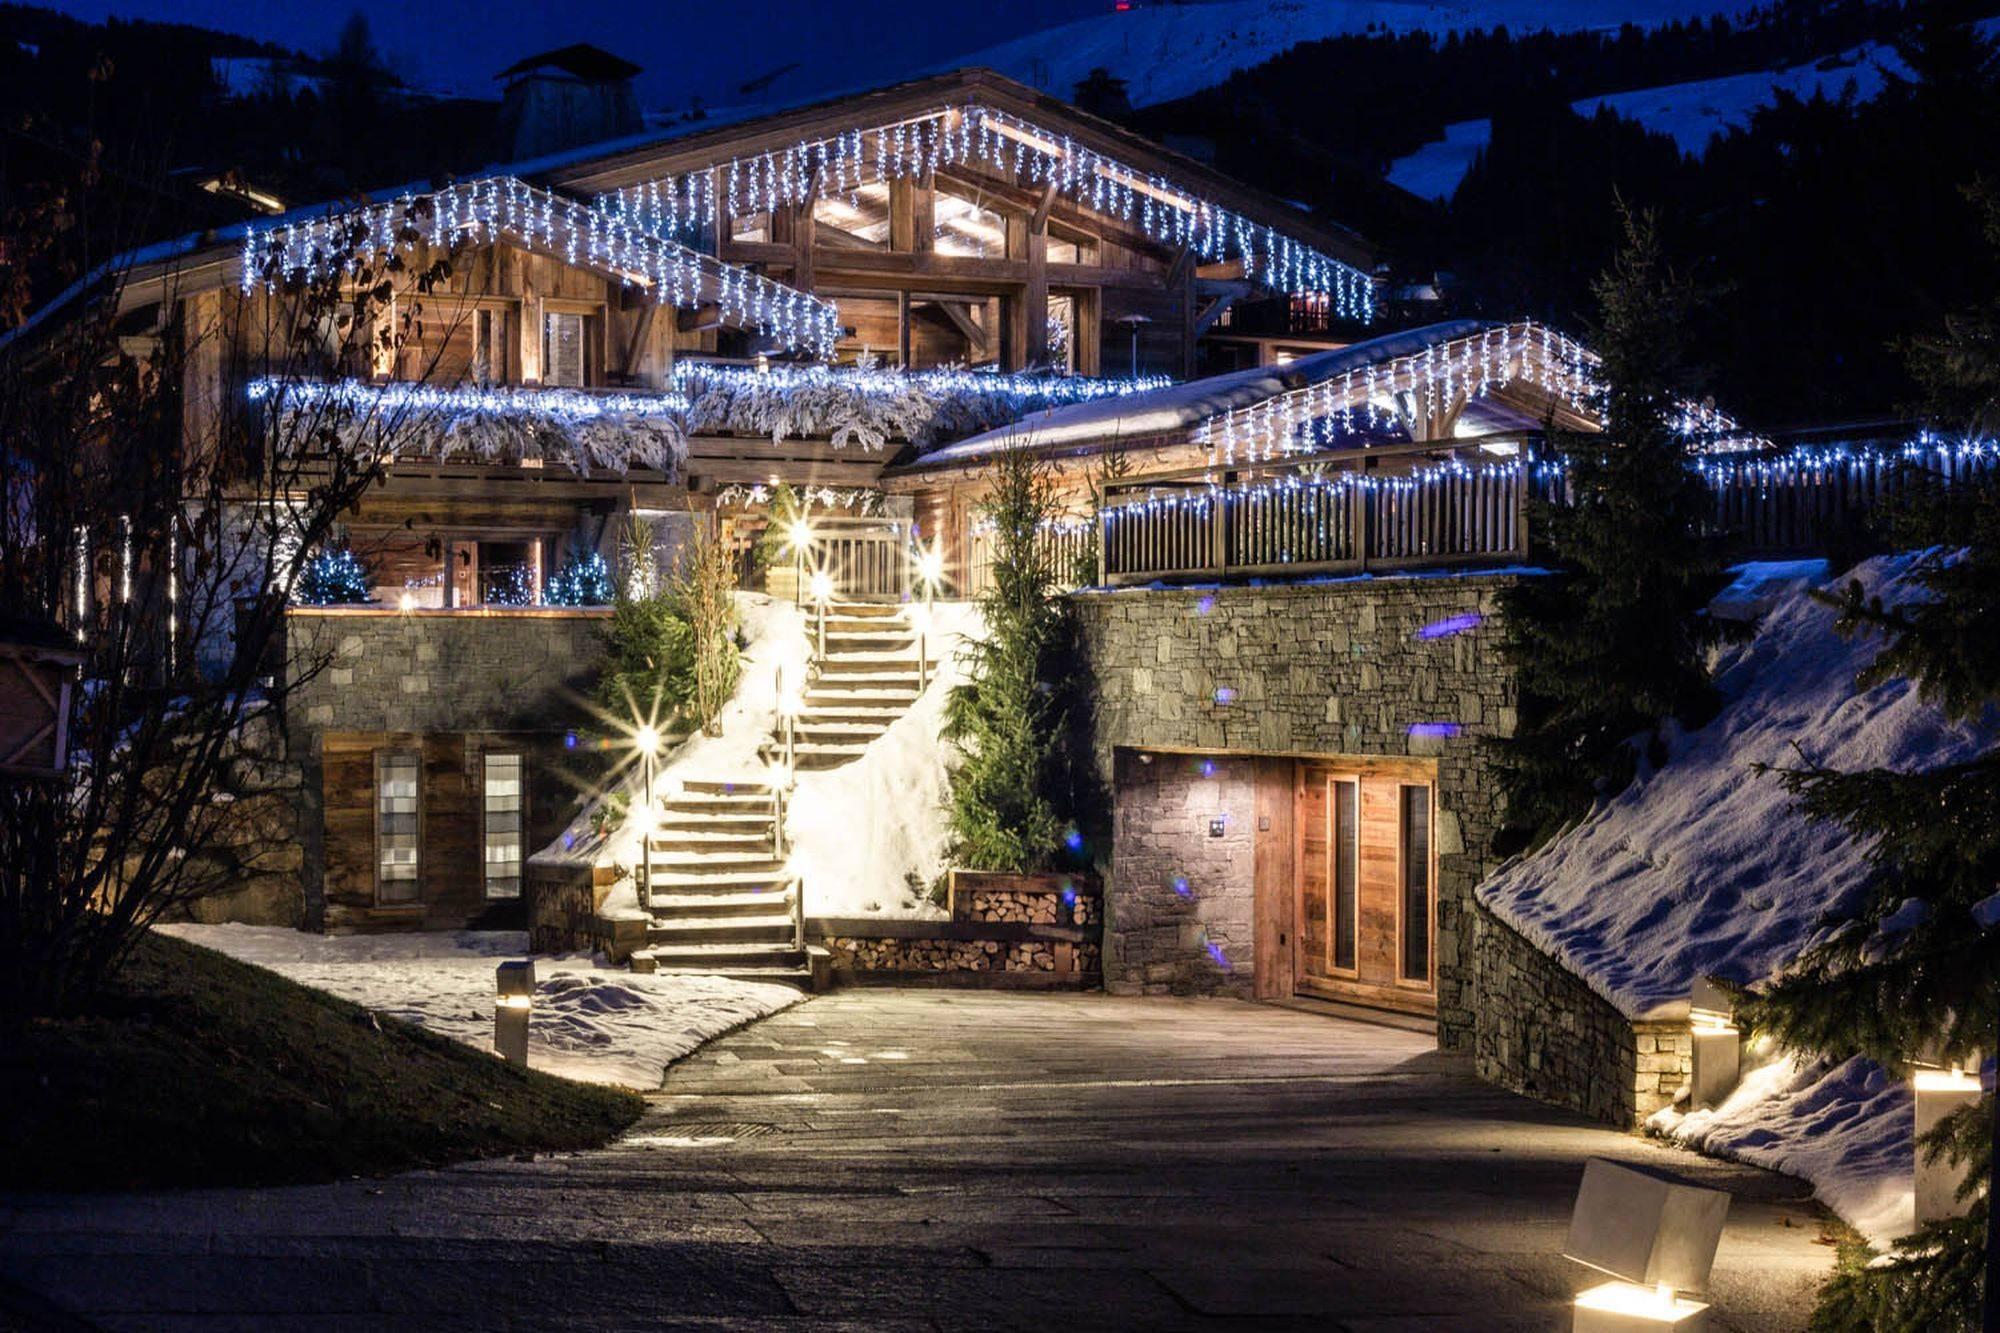 Lovelydays luxury service apartment rental - Megève - Senses Chalet - Partner - 6 bedrooms - 6 bathrooms - Exterior - 7612840e8159 - Lovelydays